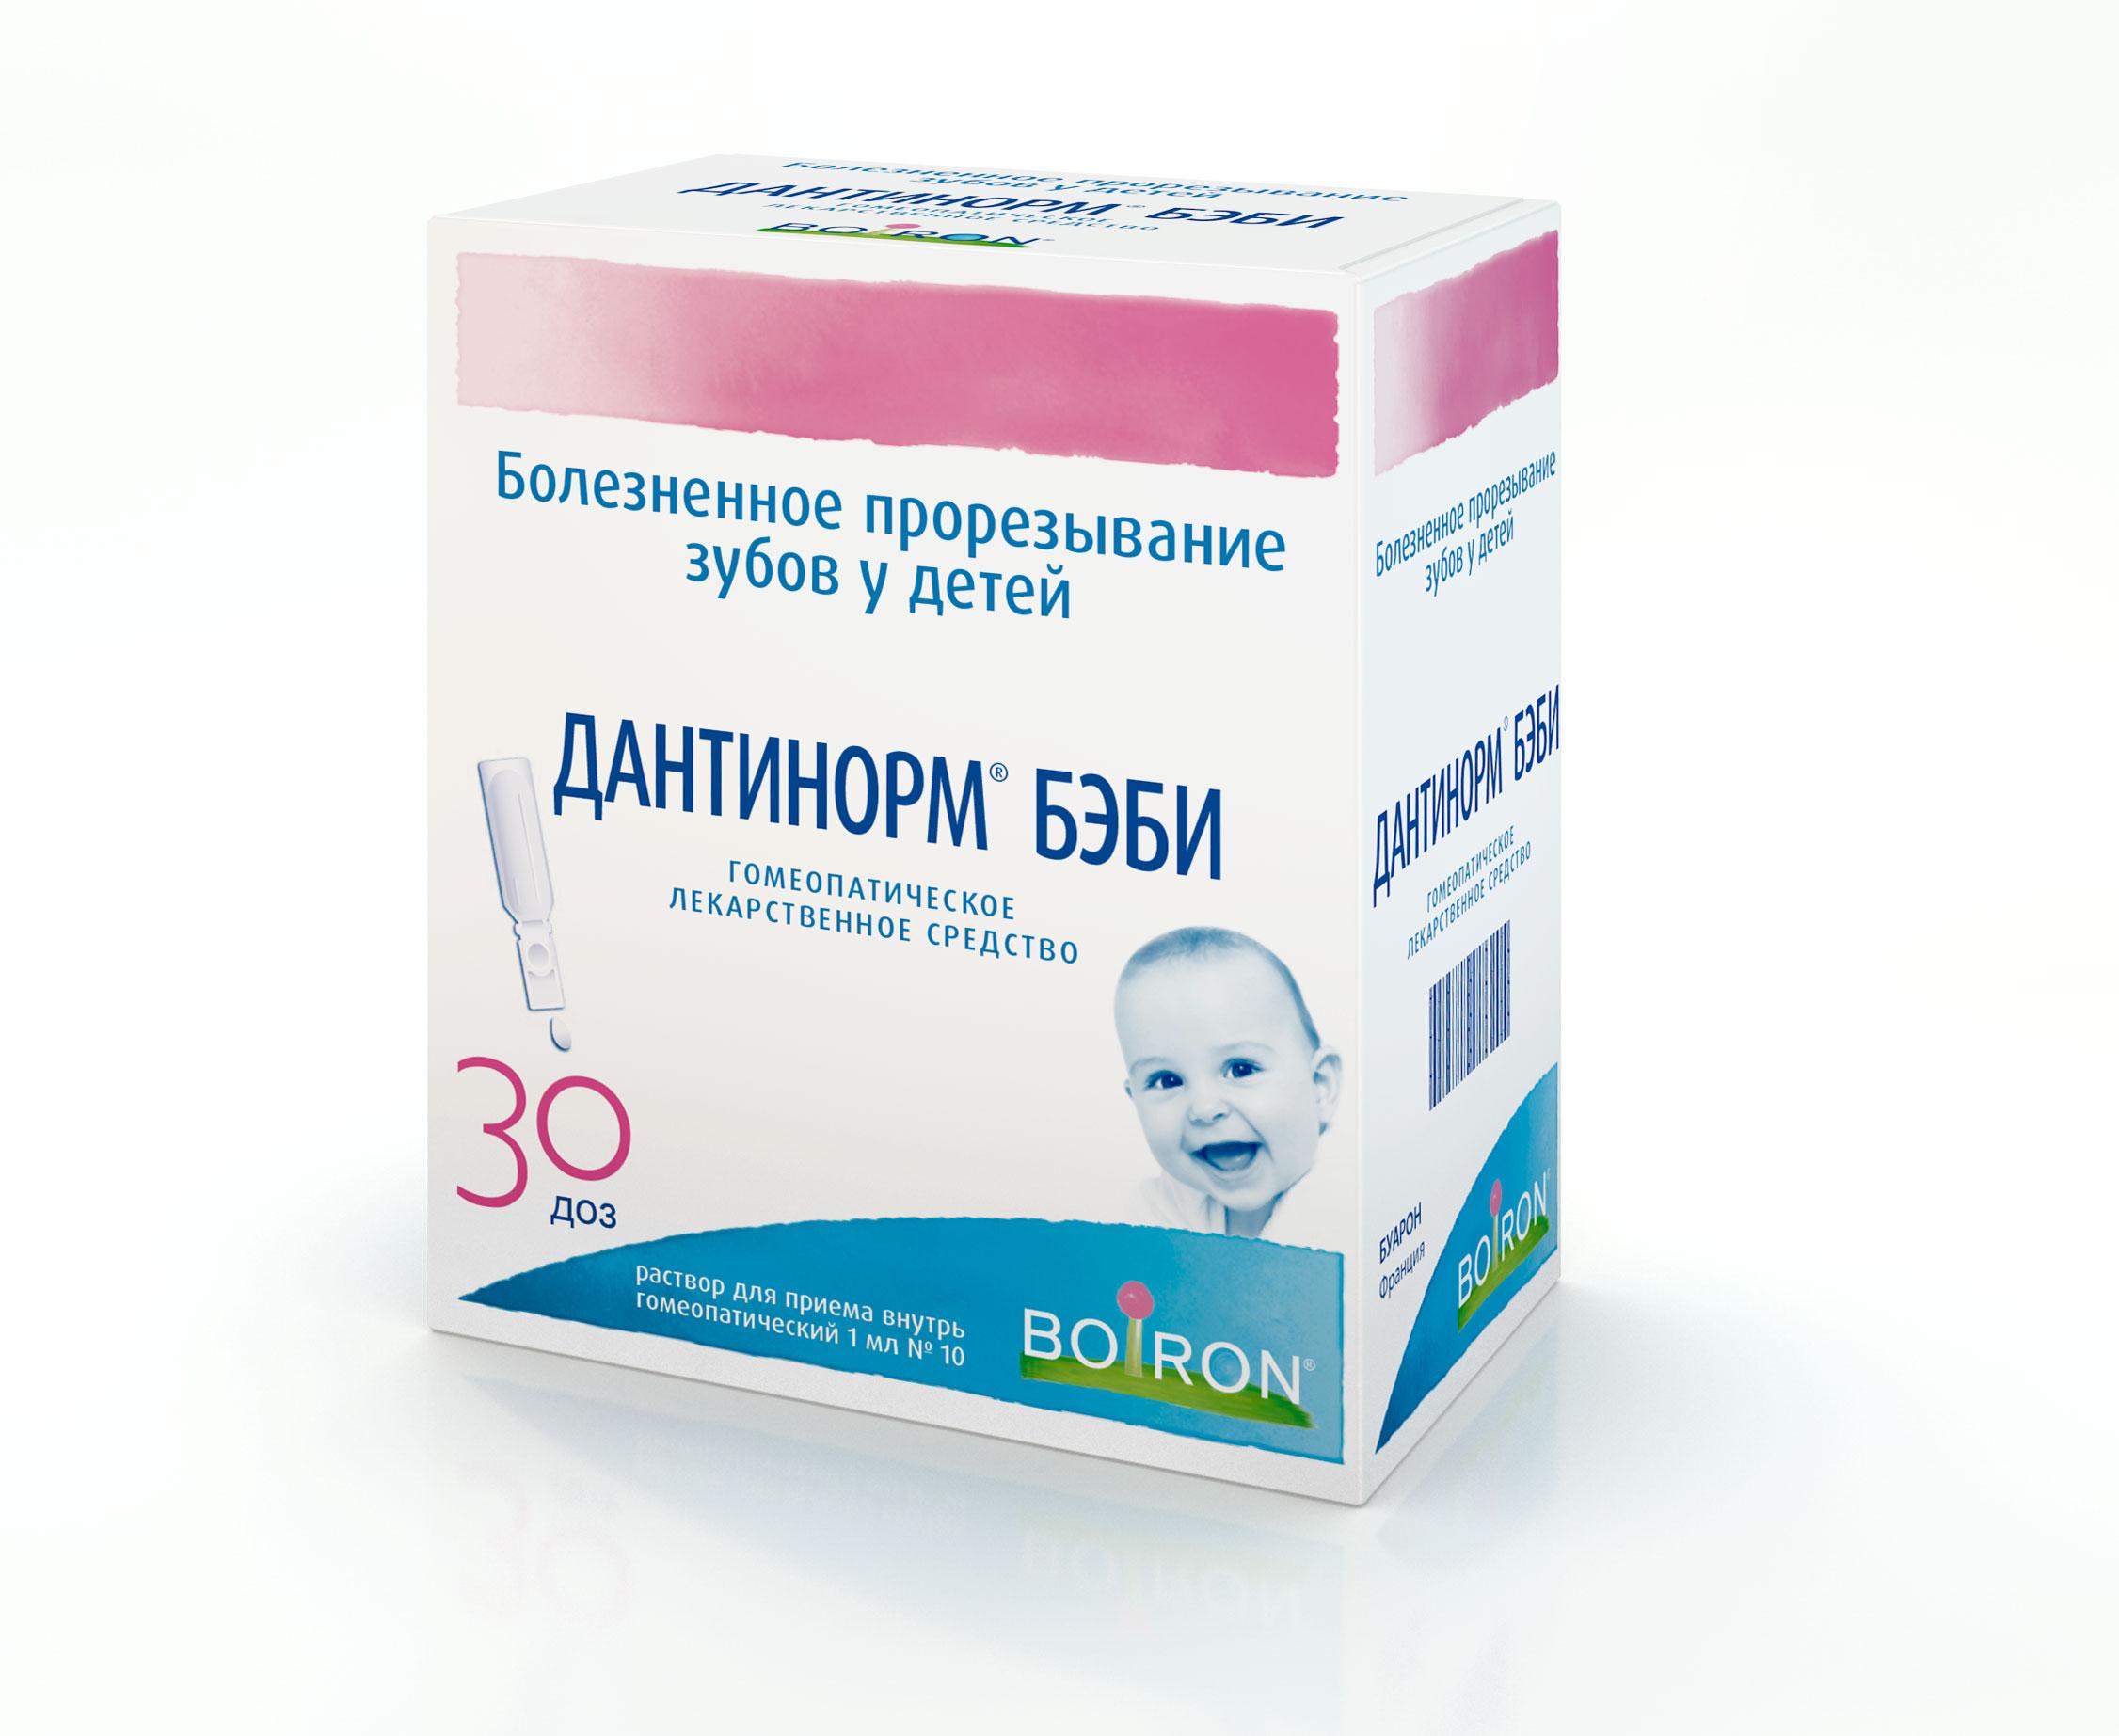 Дантинорм бэби р-р д/вн. приема гомеопат. конт. 1мл (1доза) №30